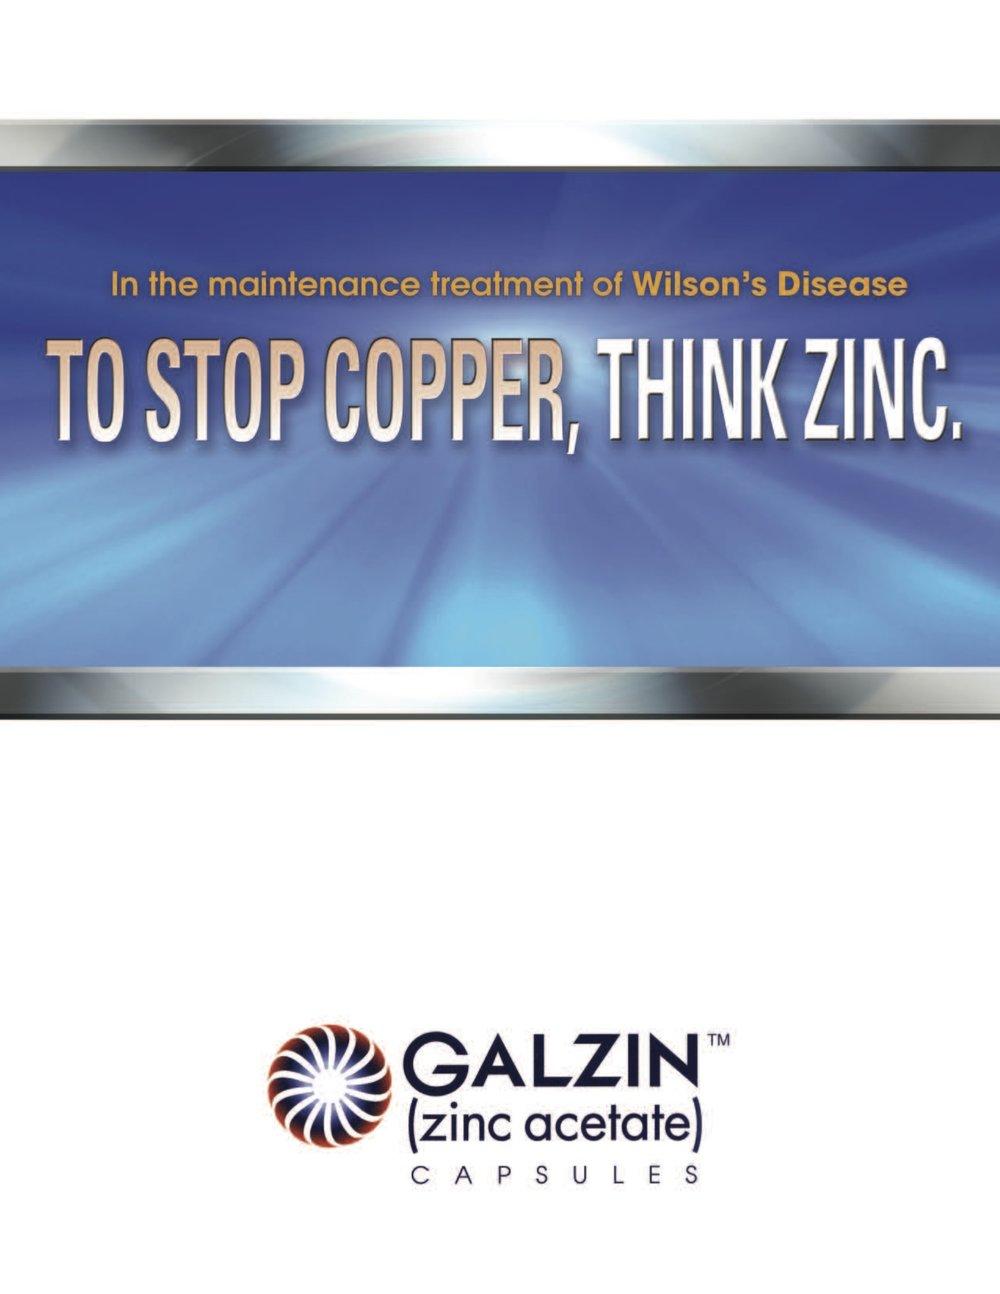 Galzin-Banner-Style.jpg